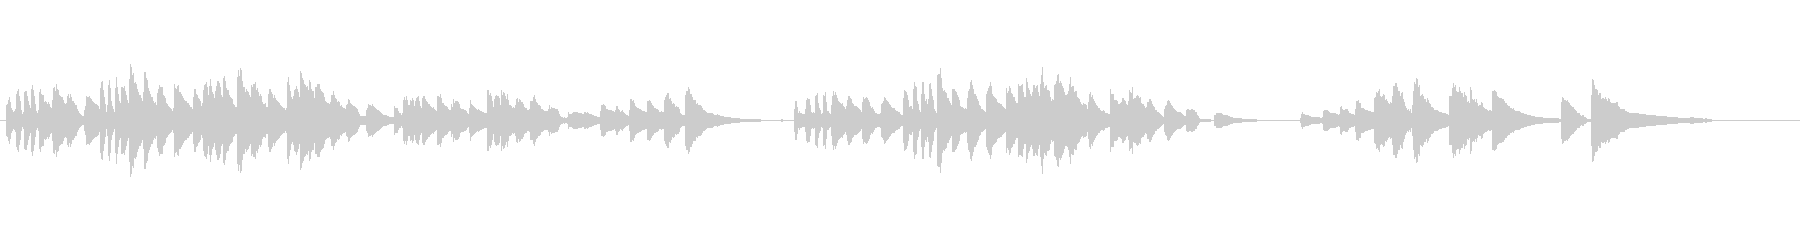 バルトーク「子供のために」22番の未再生の波形